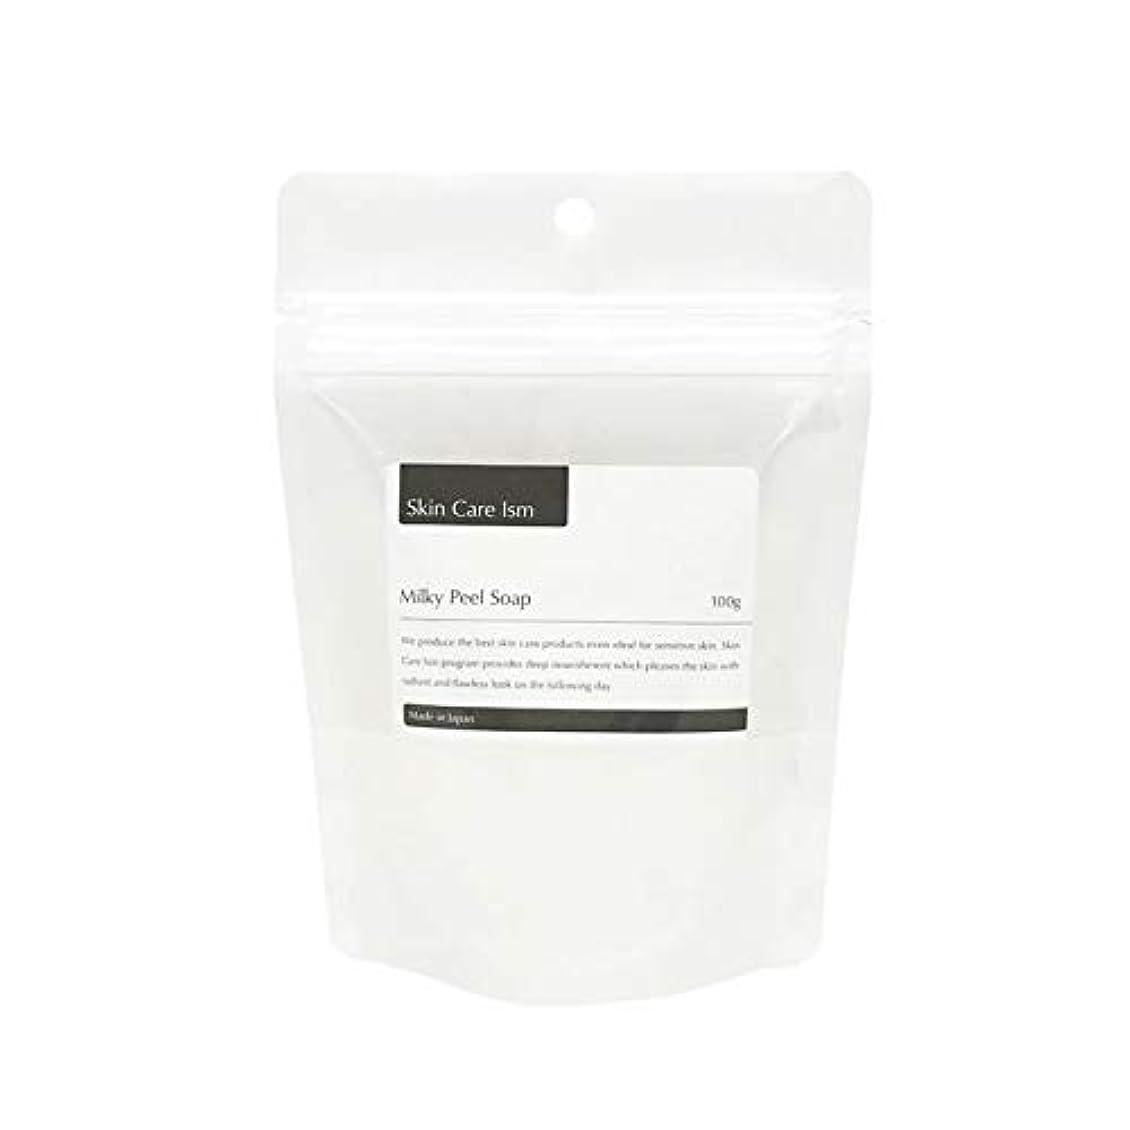 欺コンクリート気味の悪い【Skin Care Ism / Milky Peel Soap】スキンケアイズム?ミルキーピールソープ